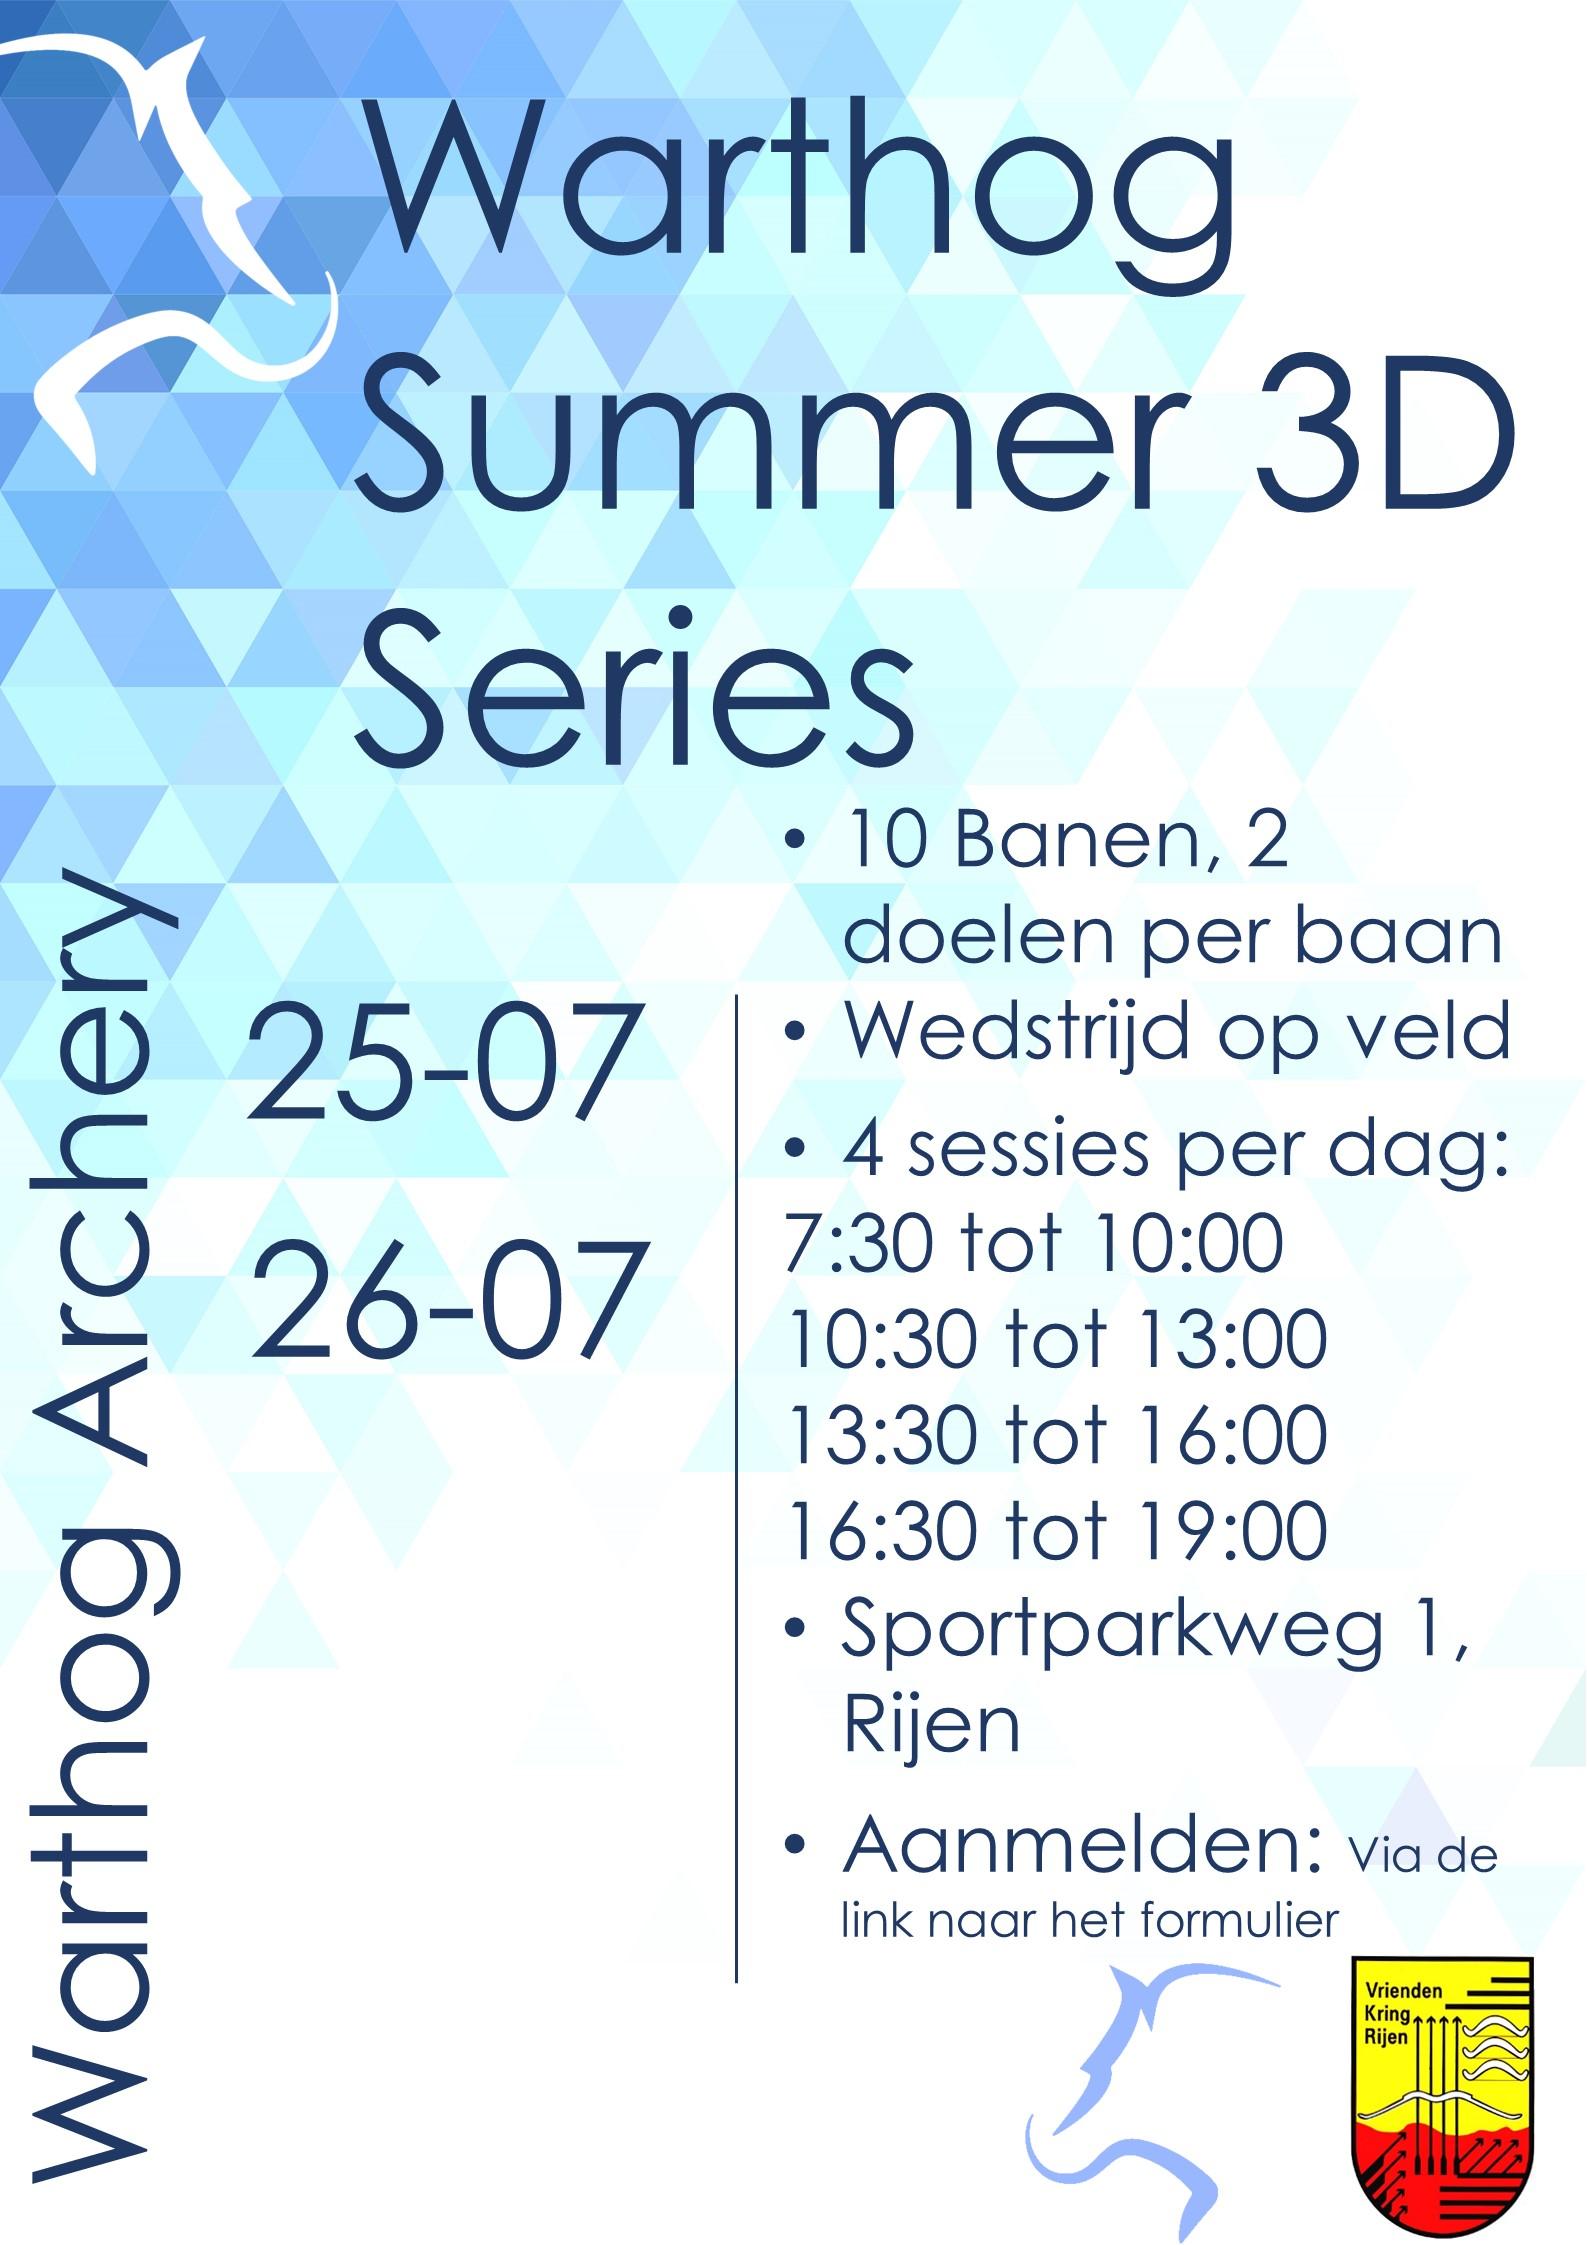 Summer 3D Series